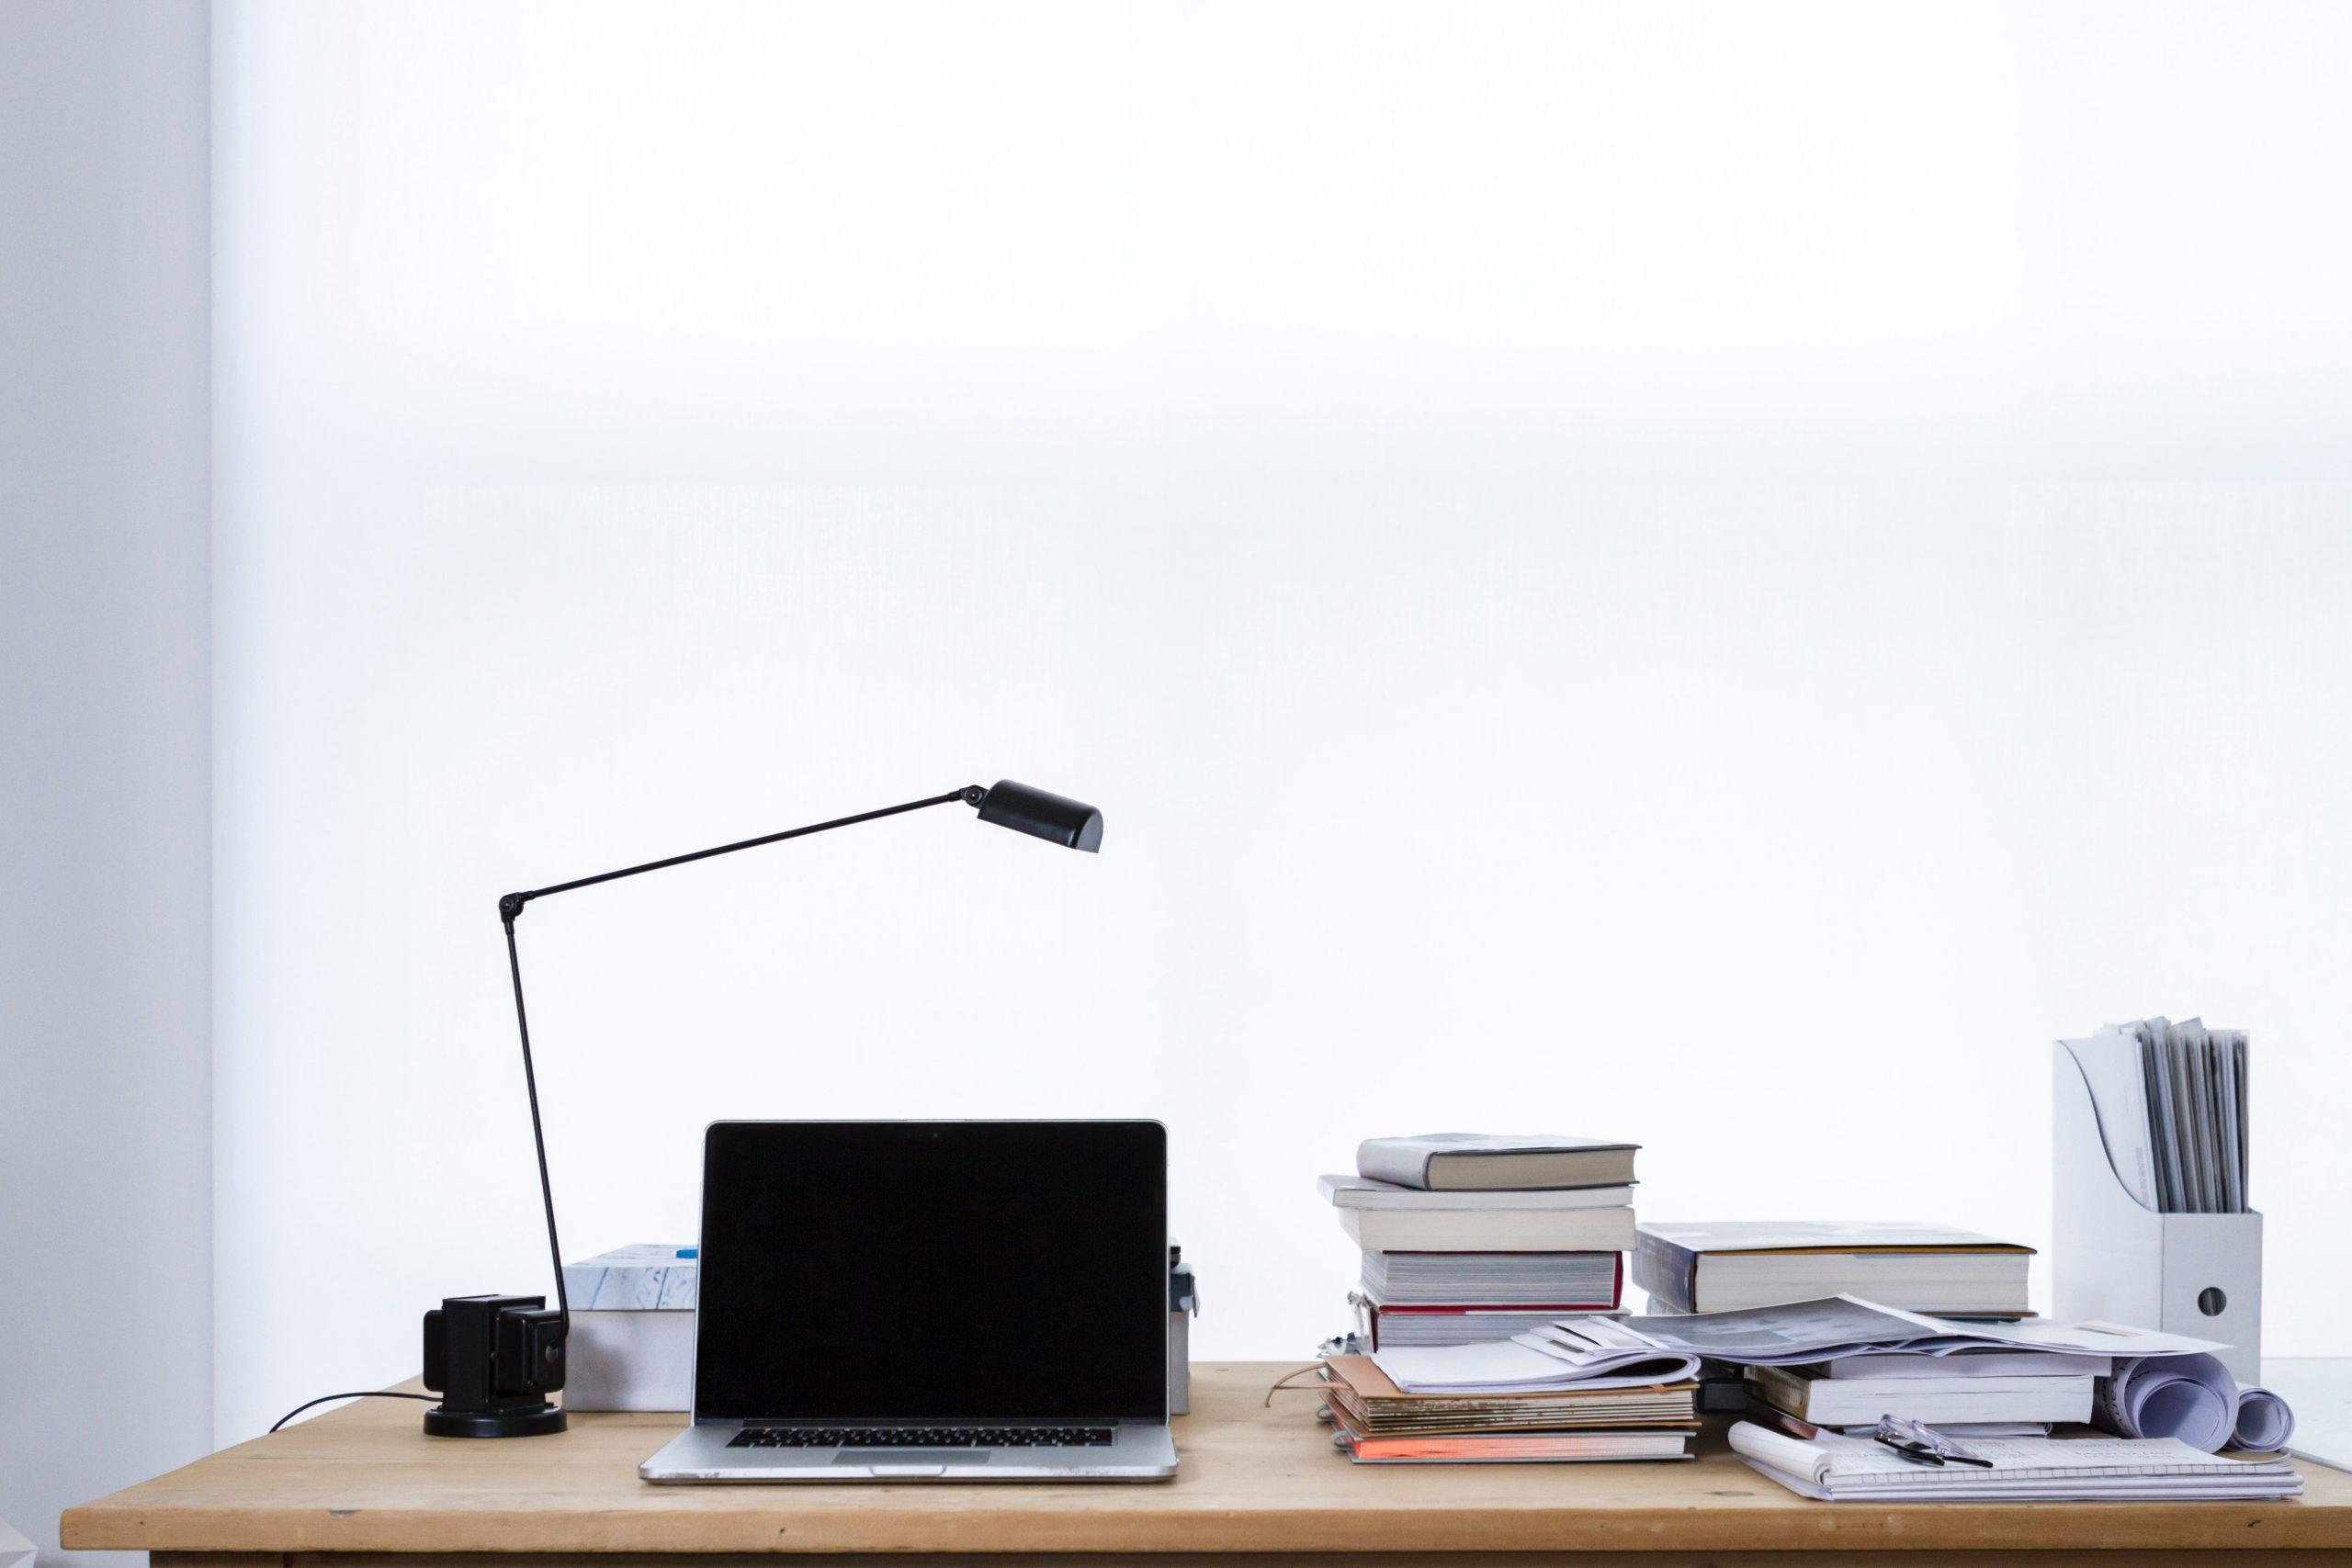 mesa de estudos com computador e livros. saiba como estudar para concursos